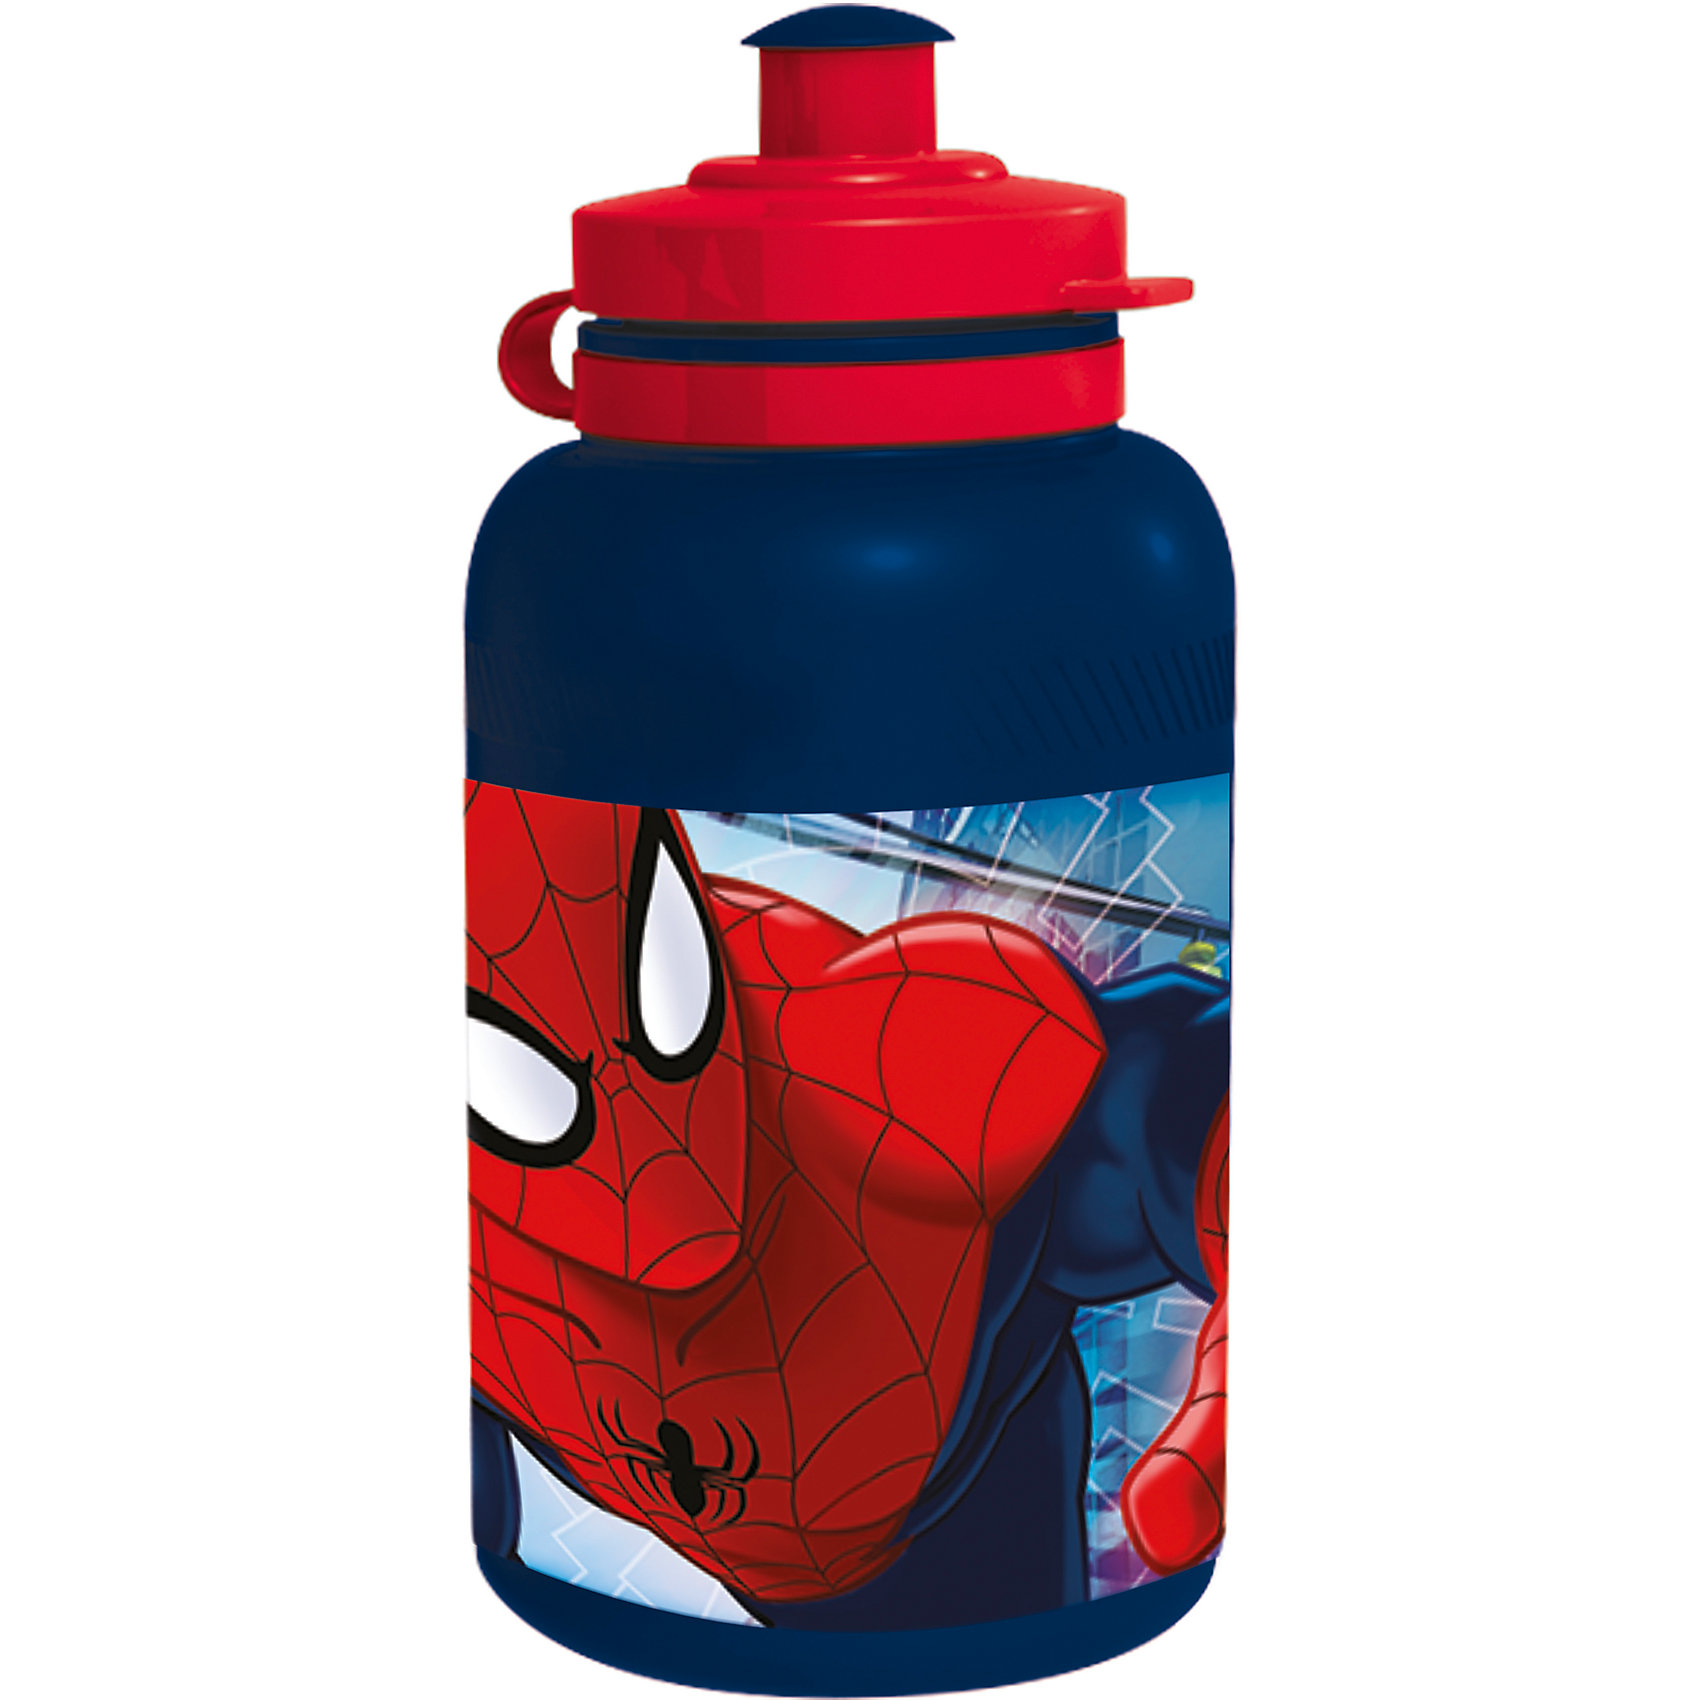 Бутылка пластиковая Великий Человек-паук 400 млБутылки для воды и бутербродницы<br>Характеристики товара:<br><br>• материал: пластик<br>• украшена рисунком<br>• размер: 6,5х6,5х15 см<br>• вес: 40 г<br>• объем: 400 мл<br>• страна бренда: Испания<br>• страна производства: Китай<br><br>Такая бутылка станет отличным подарком для ребенка! Она отличается тем, что на предмете изображены персонажи из мультфильма Великий Человек-паук. Есть или пить из предметов с любимым героем многих современных детей - всегда приятнее. Бутылочка очень удобна, объем оптимален для детей, сюда как раз вместится необходимый для одной тренировки объем воды. Плюс - изделие дополнено специальной крышкой. Использовать его можно и в школе, и на улице!<br>Бутылка выпущена в удобном формате, размер - универсальный. Изделие производится из качественных и проверенных материалов, которые безопасны для детей.<br><br>Бутылку пластиковую Великий Человек-паук 400 мл можно купить в нашем интернет-магазине.<br><br>Ширина мм: 65<br>Глубина мм: 65<br>Высота мм: 150<br>Вес г: 40<br>Возраст от месяцев: 36<br>Возраст до месяцев: 144<br>Пол: Мужской<br>Возраст: Детский<br>SKU: 5282068